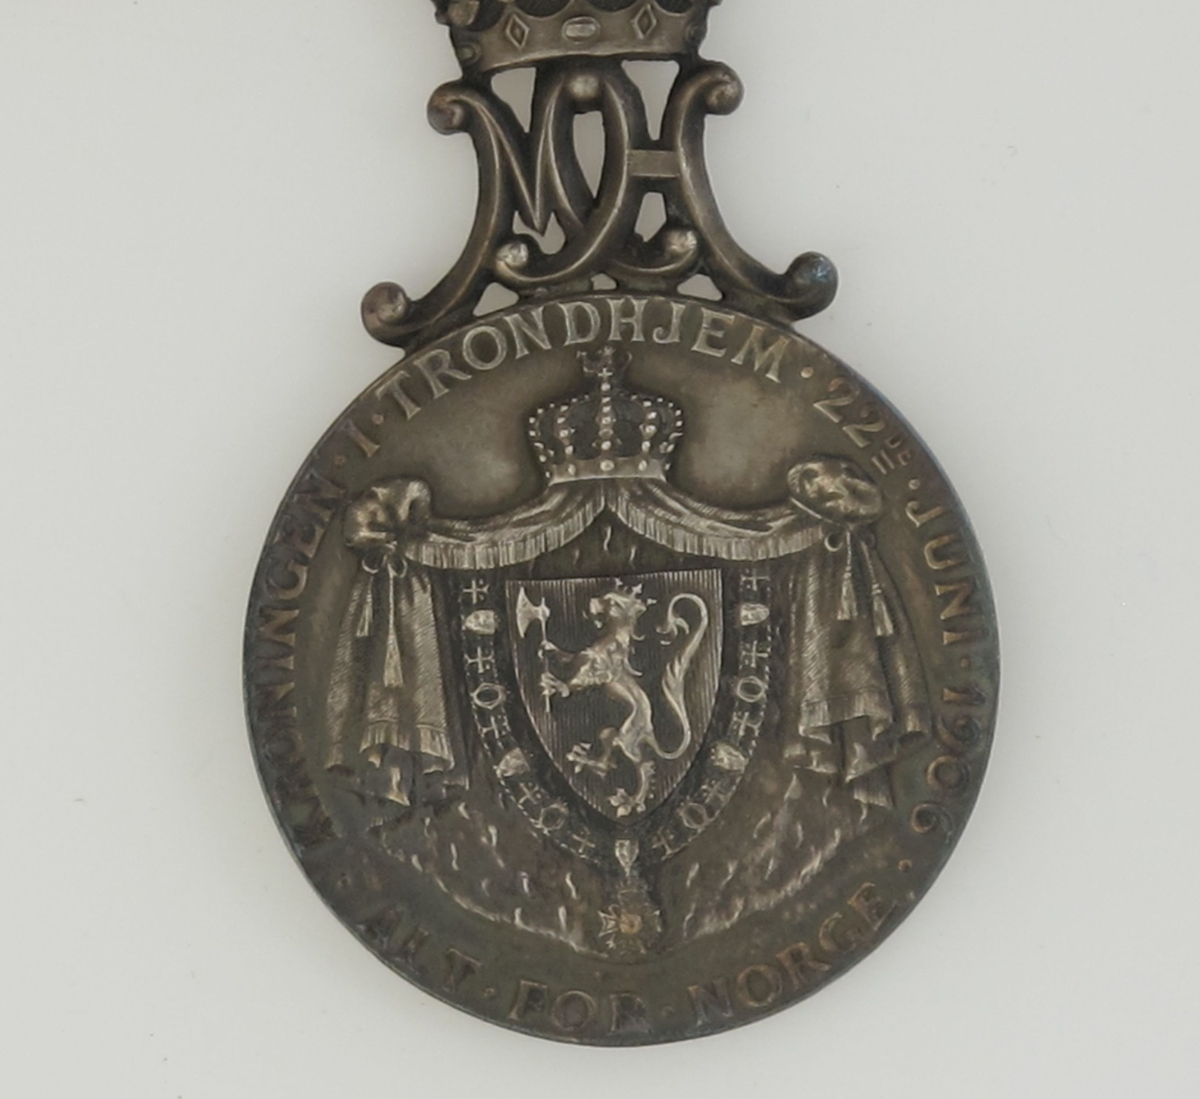 Bronsemedalje fra Amtsutstillingen i Arendal 1900.